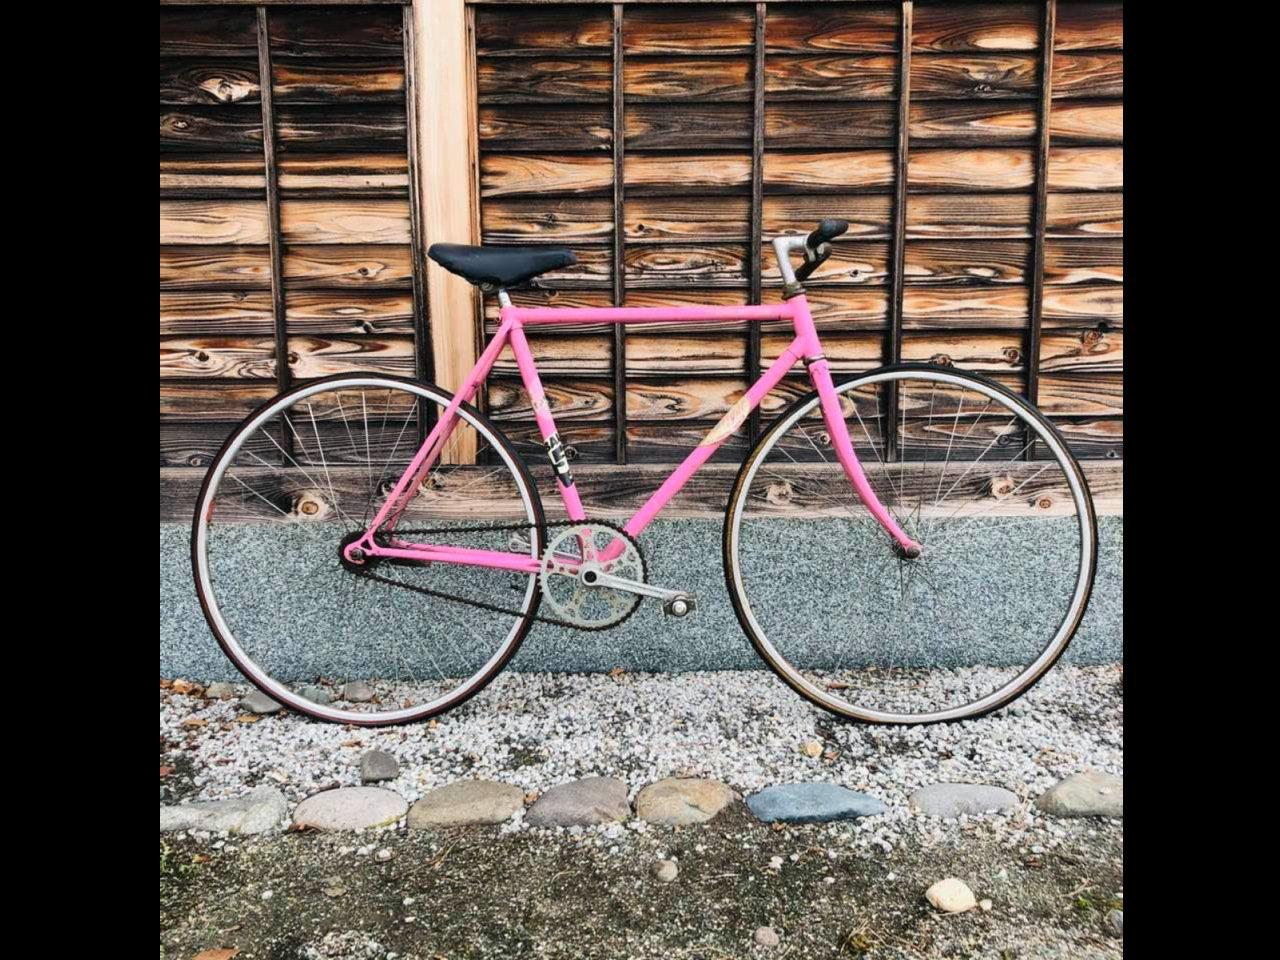 ぼくの高校時代の自転車